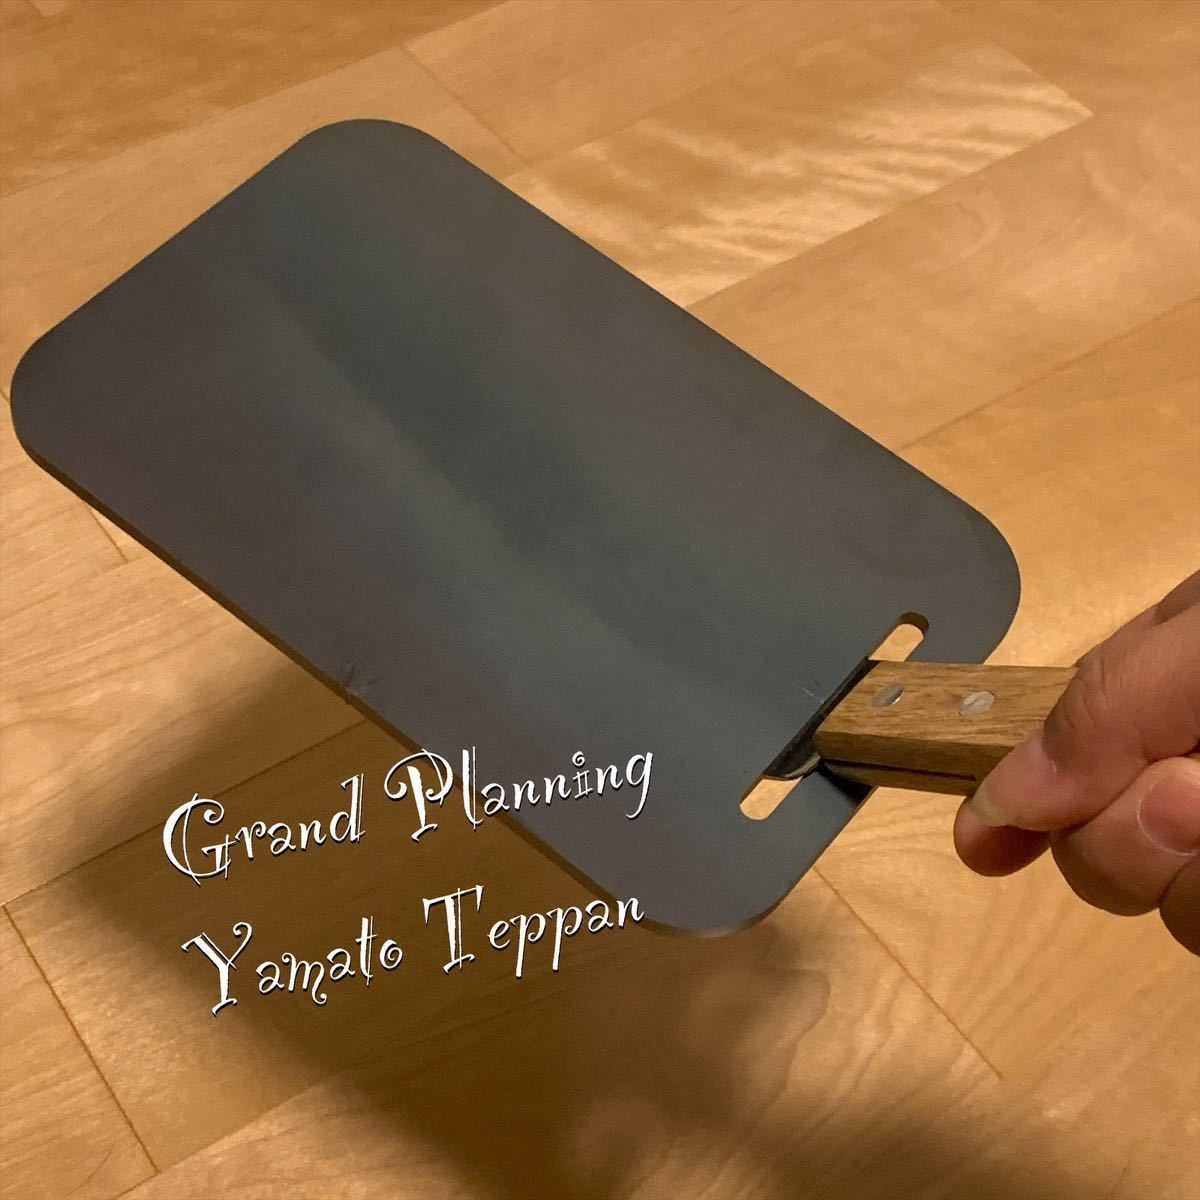 6㎜ 穴あき 鉄板 トランギア メスティン ラージ ソロ TR-209 サイズ 鉄板のみ 送料込み ソロキャンプtrangia 大和鉄板 ポケットストーブ